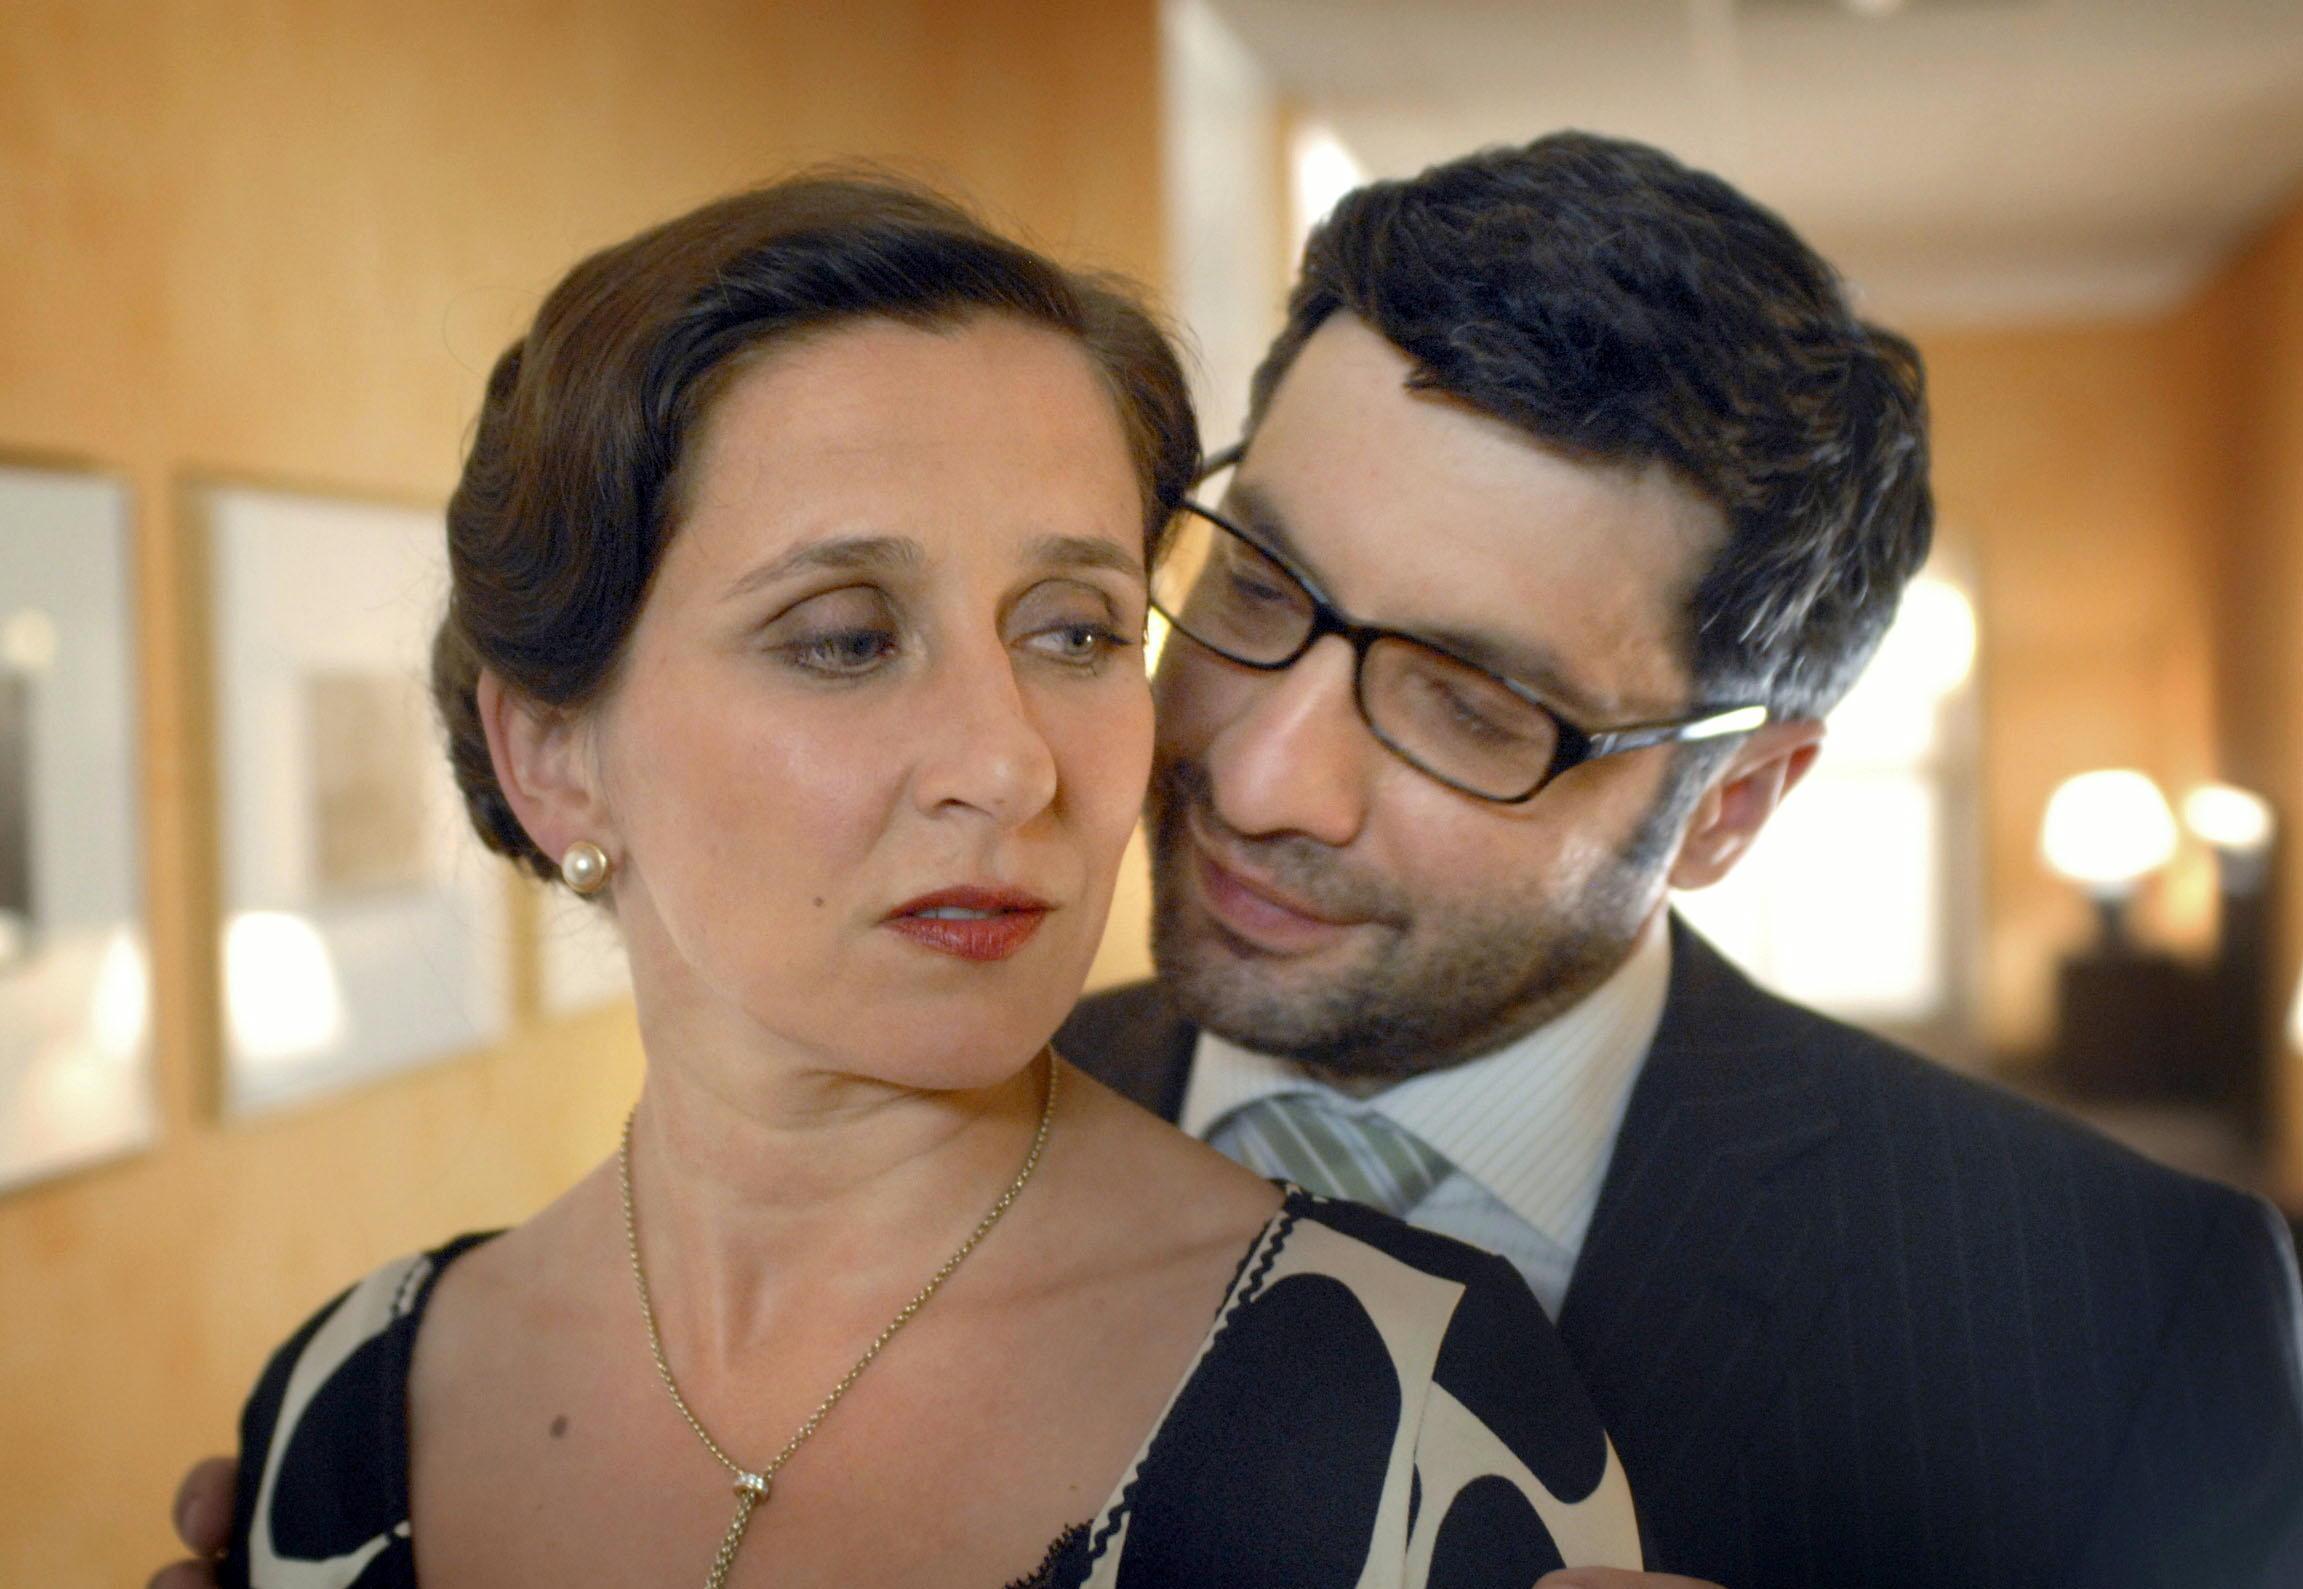 Commissario Laurenti: Tod auf der Warteliste